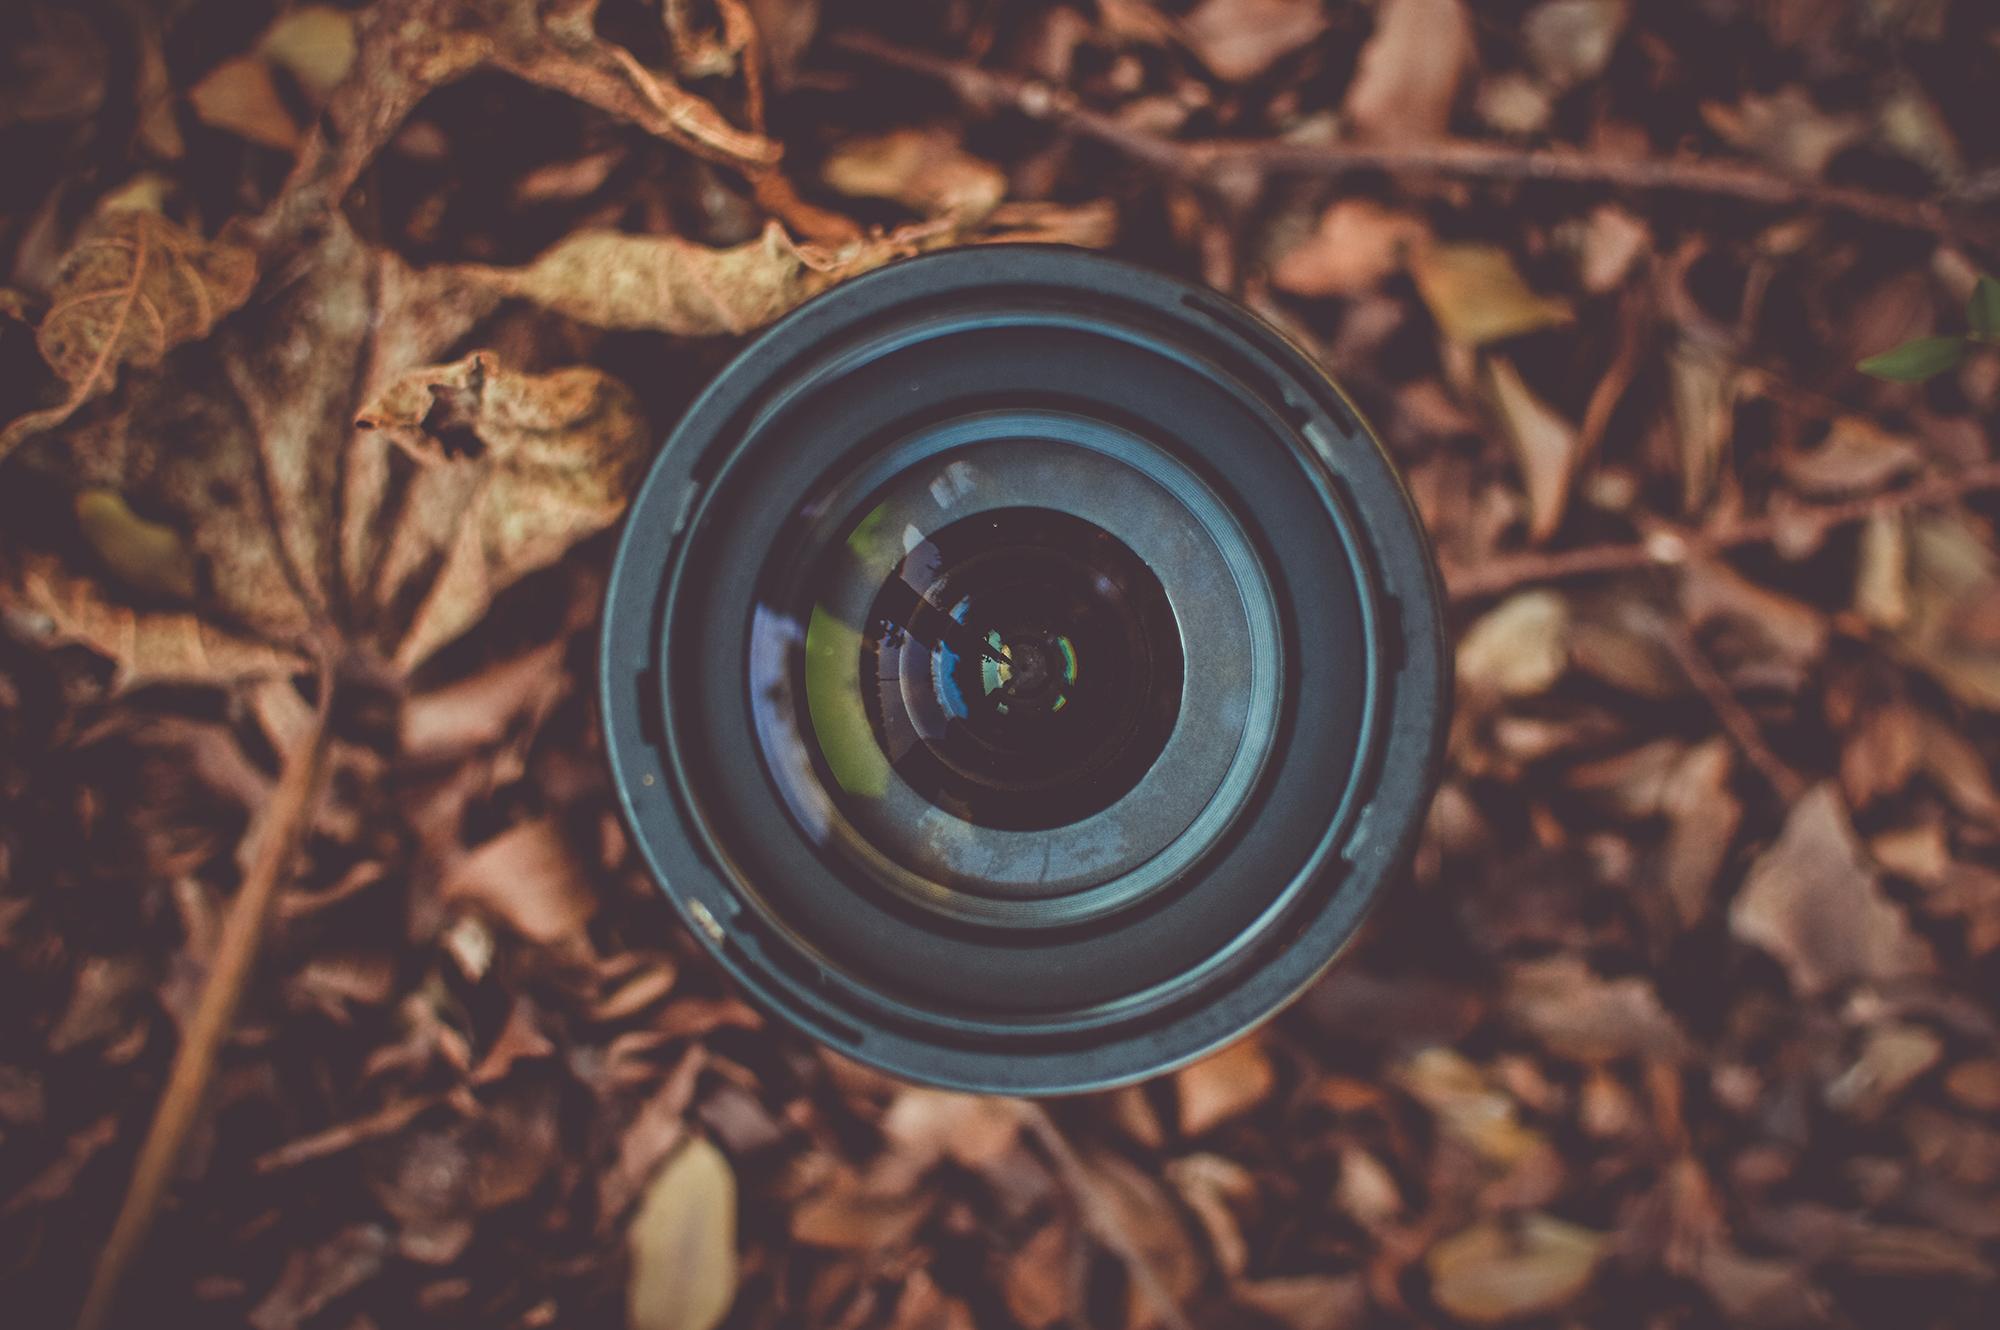 aperture shallow depth camera photographer screen tilt